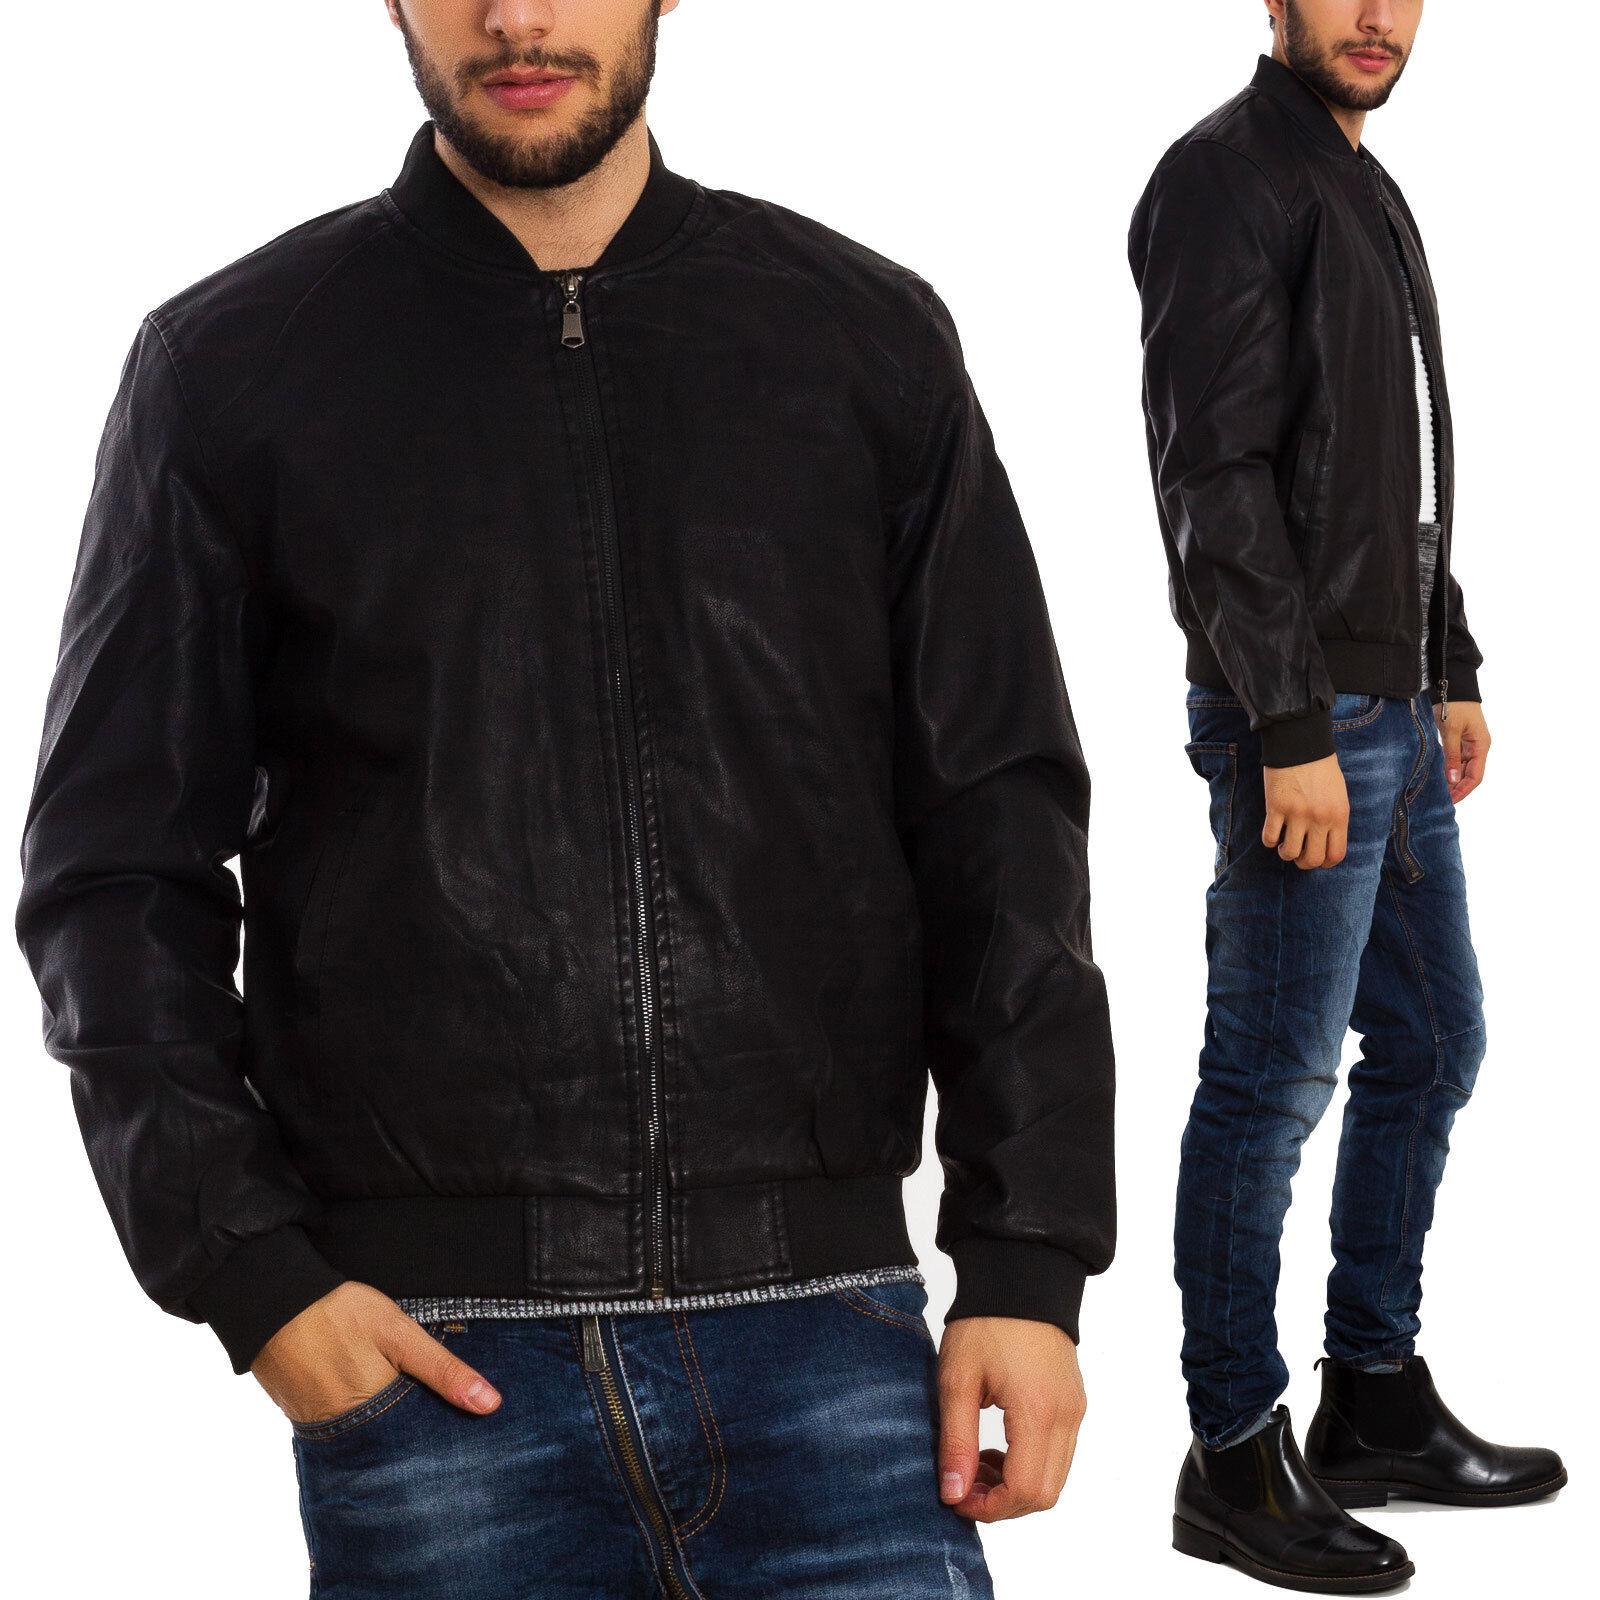 quality design e31c1 af2ca Dettagli su Giubbotto uomo giubbino giacca eco pelle polsini ecopelle  imbottito A-12